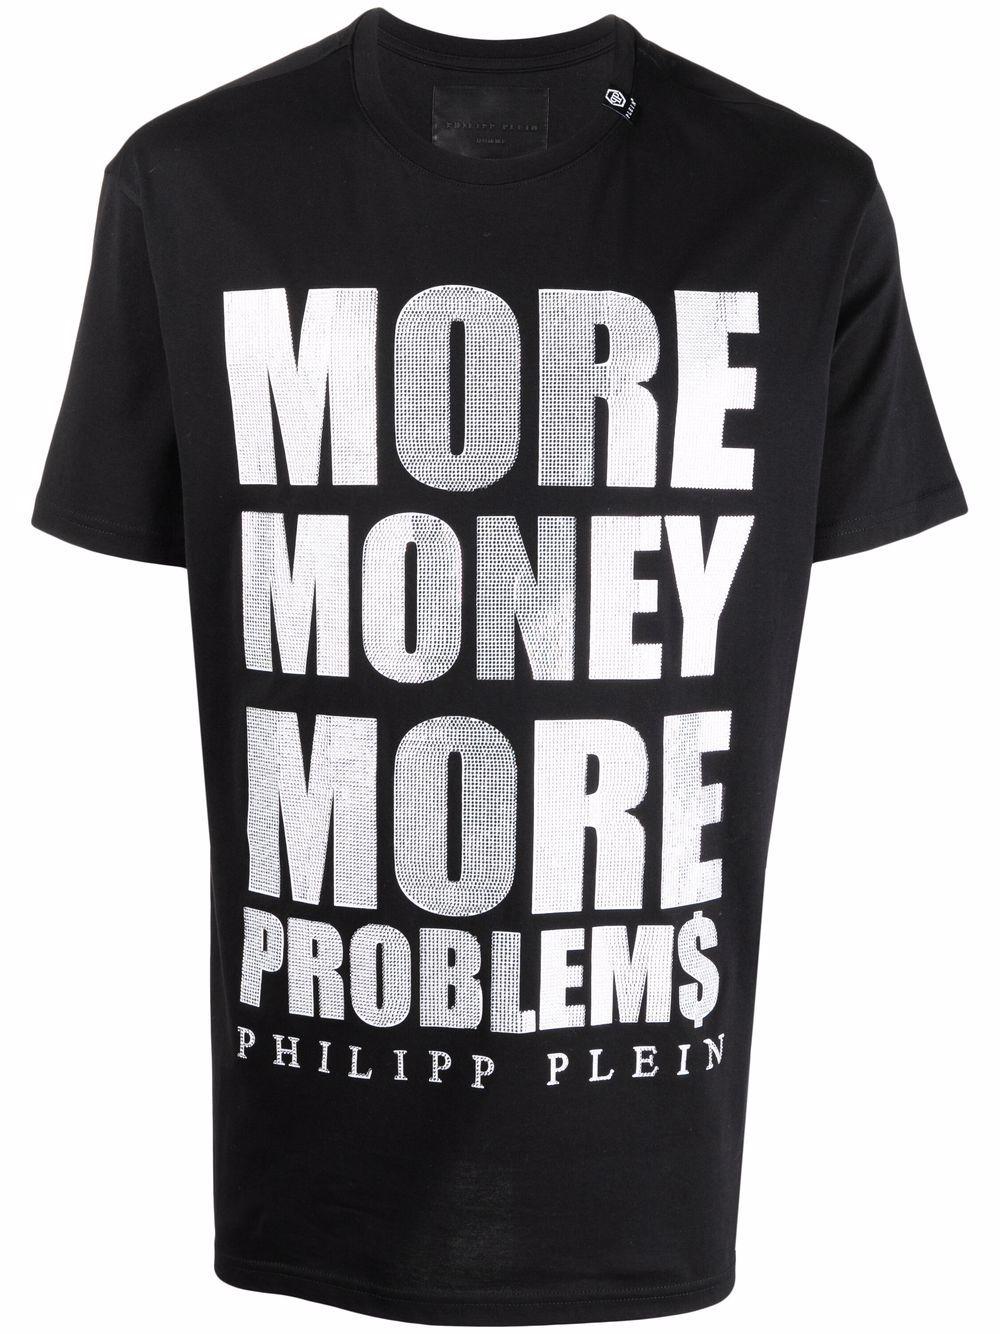 Philipp Plein T-Shirt mit Slogan-Print - Schwarz